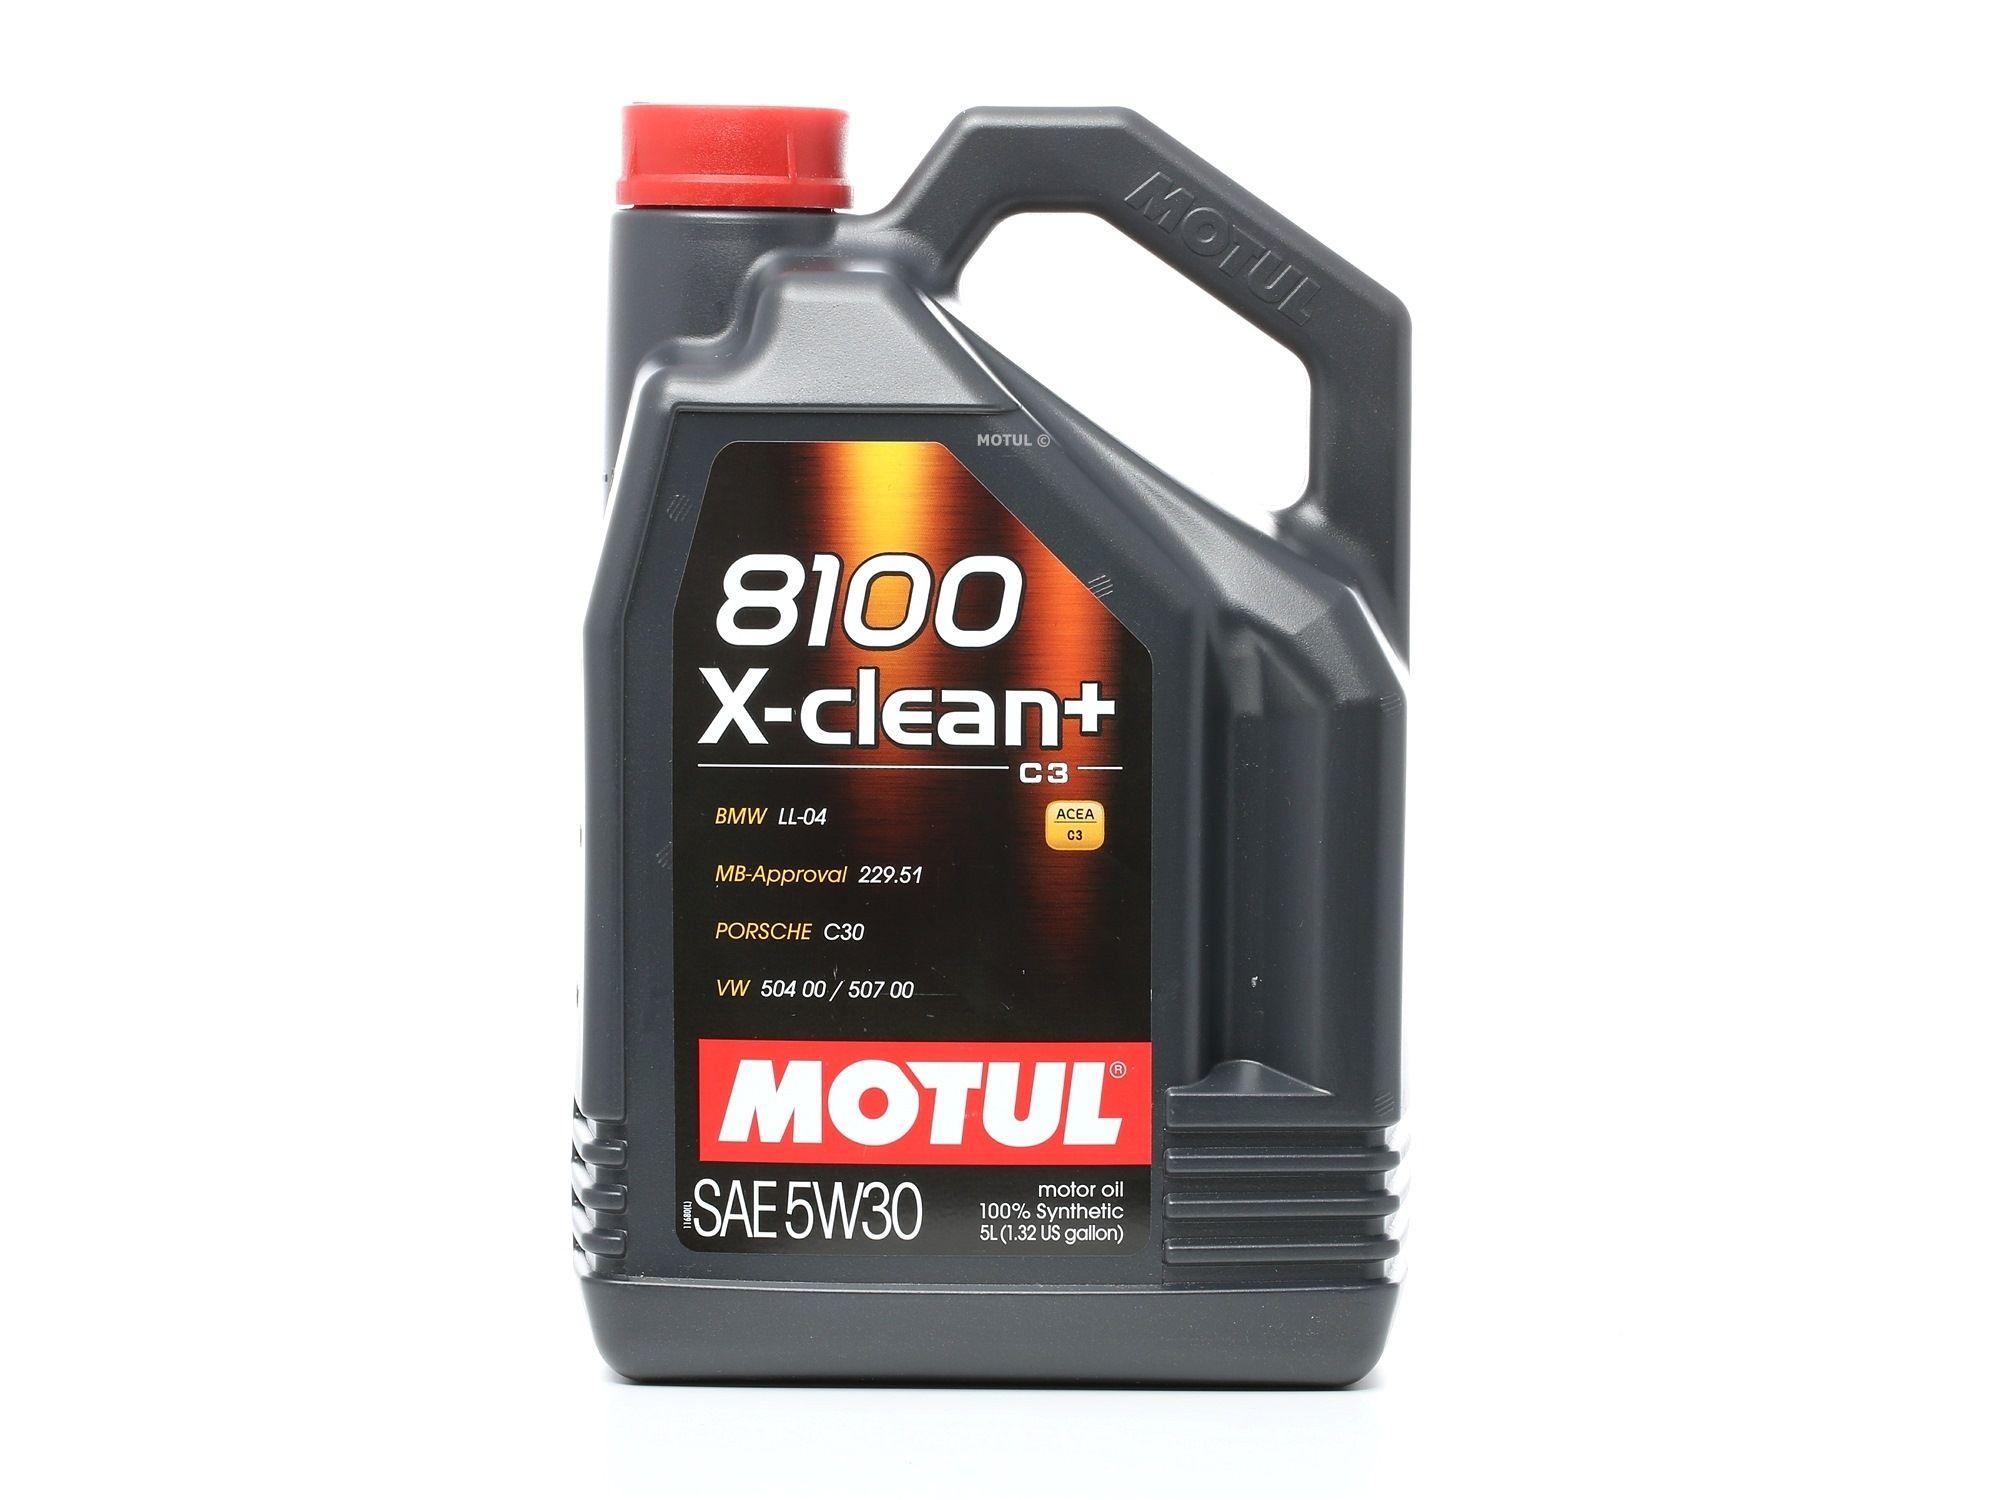 Motorolaj MOTUL VW5040050700 értékelés